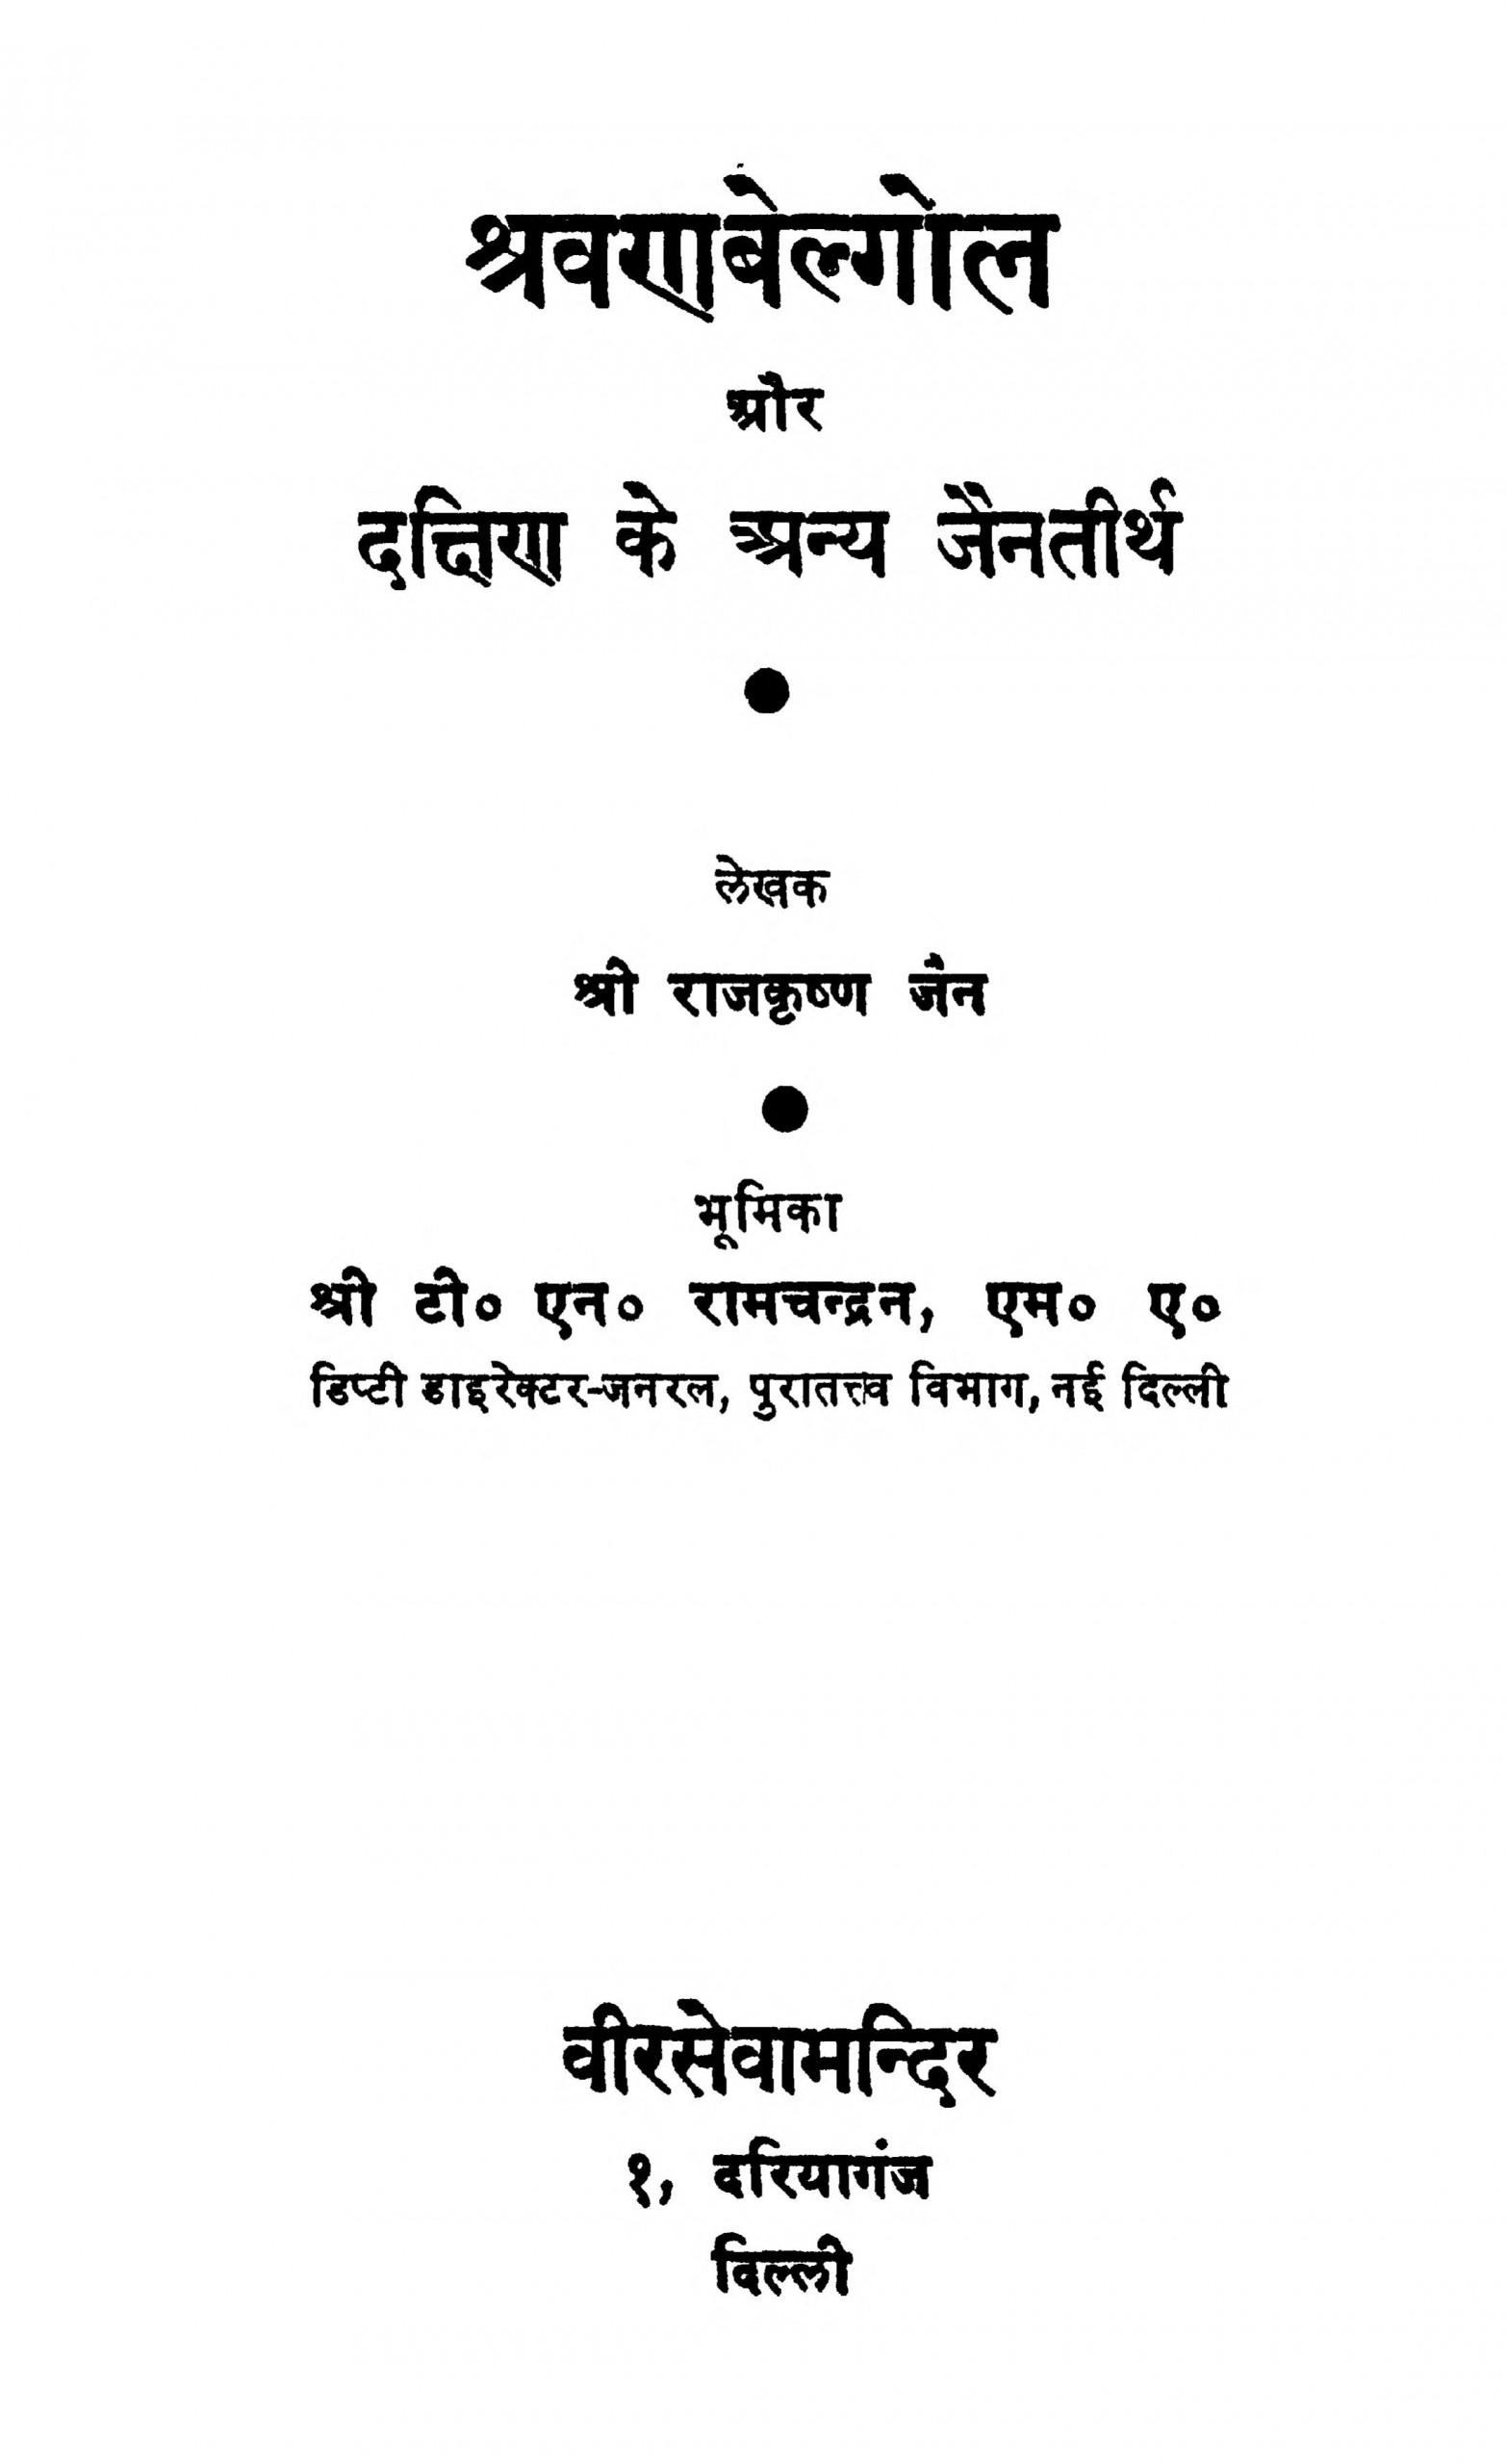 Book Image : श्रवण बेल्गोल और दक्षिण के अन्य जैनतीर्थ - Shravan Belgol Aur Daxin Ke Anya Jainatirth